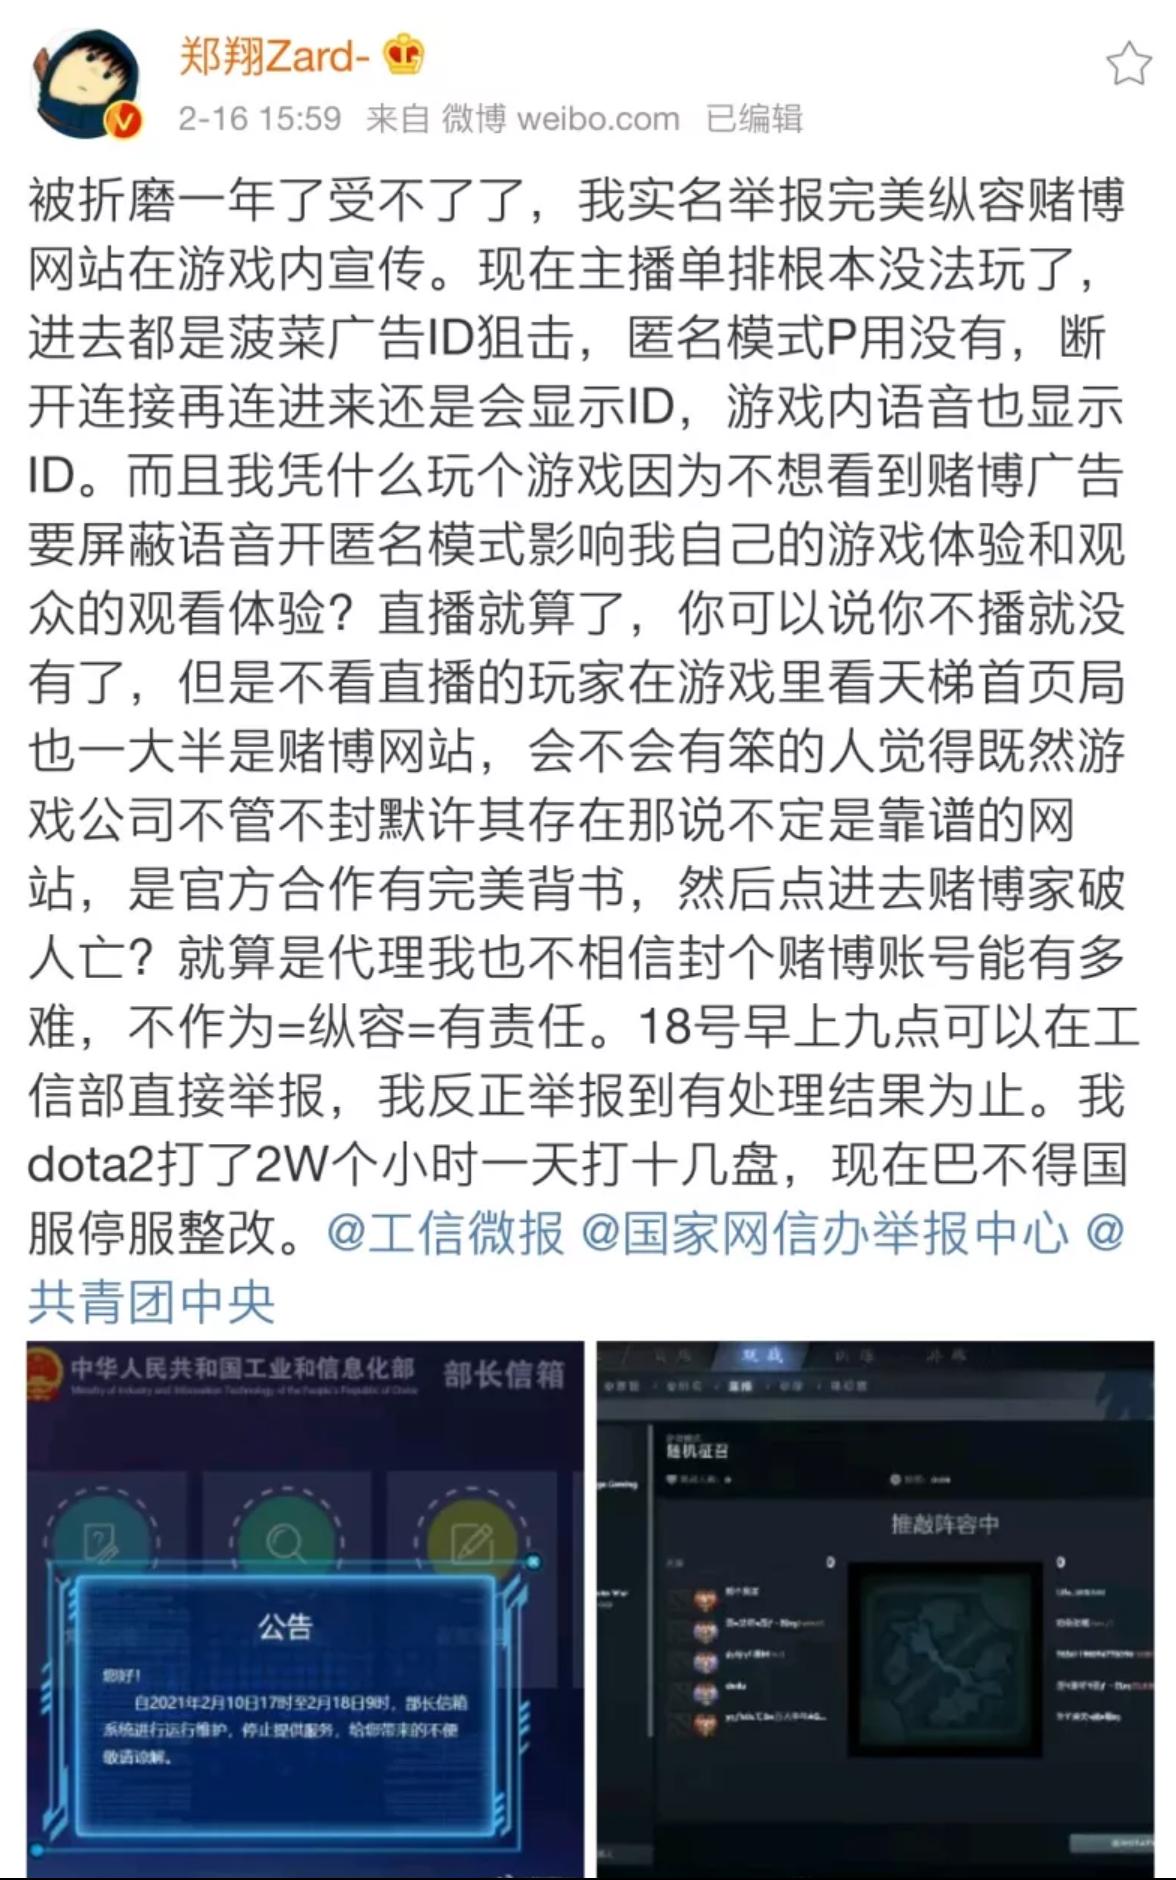 主播实名举报《DOTA2》纵容赌博宣传 国服做出回应